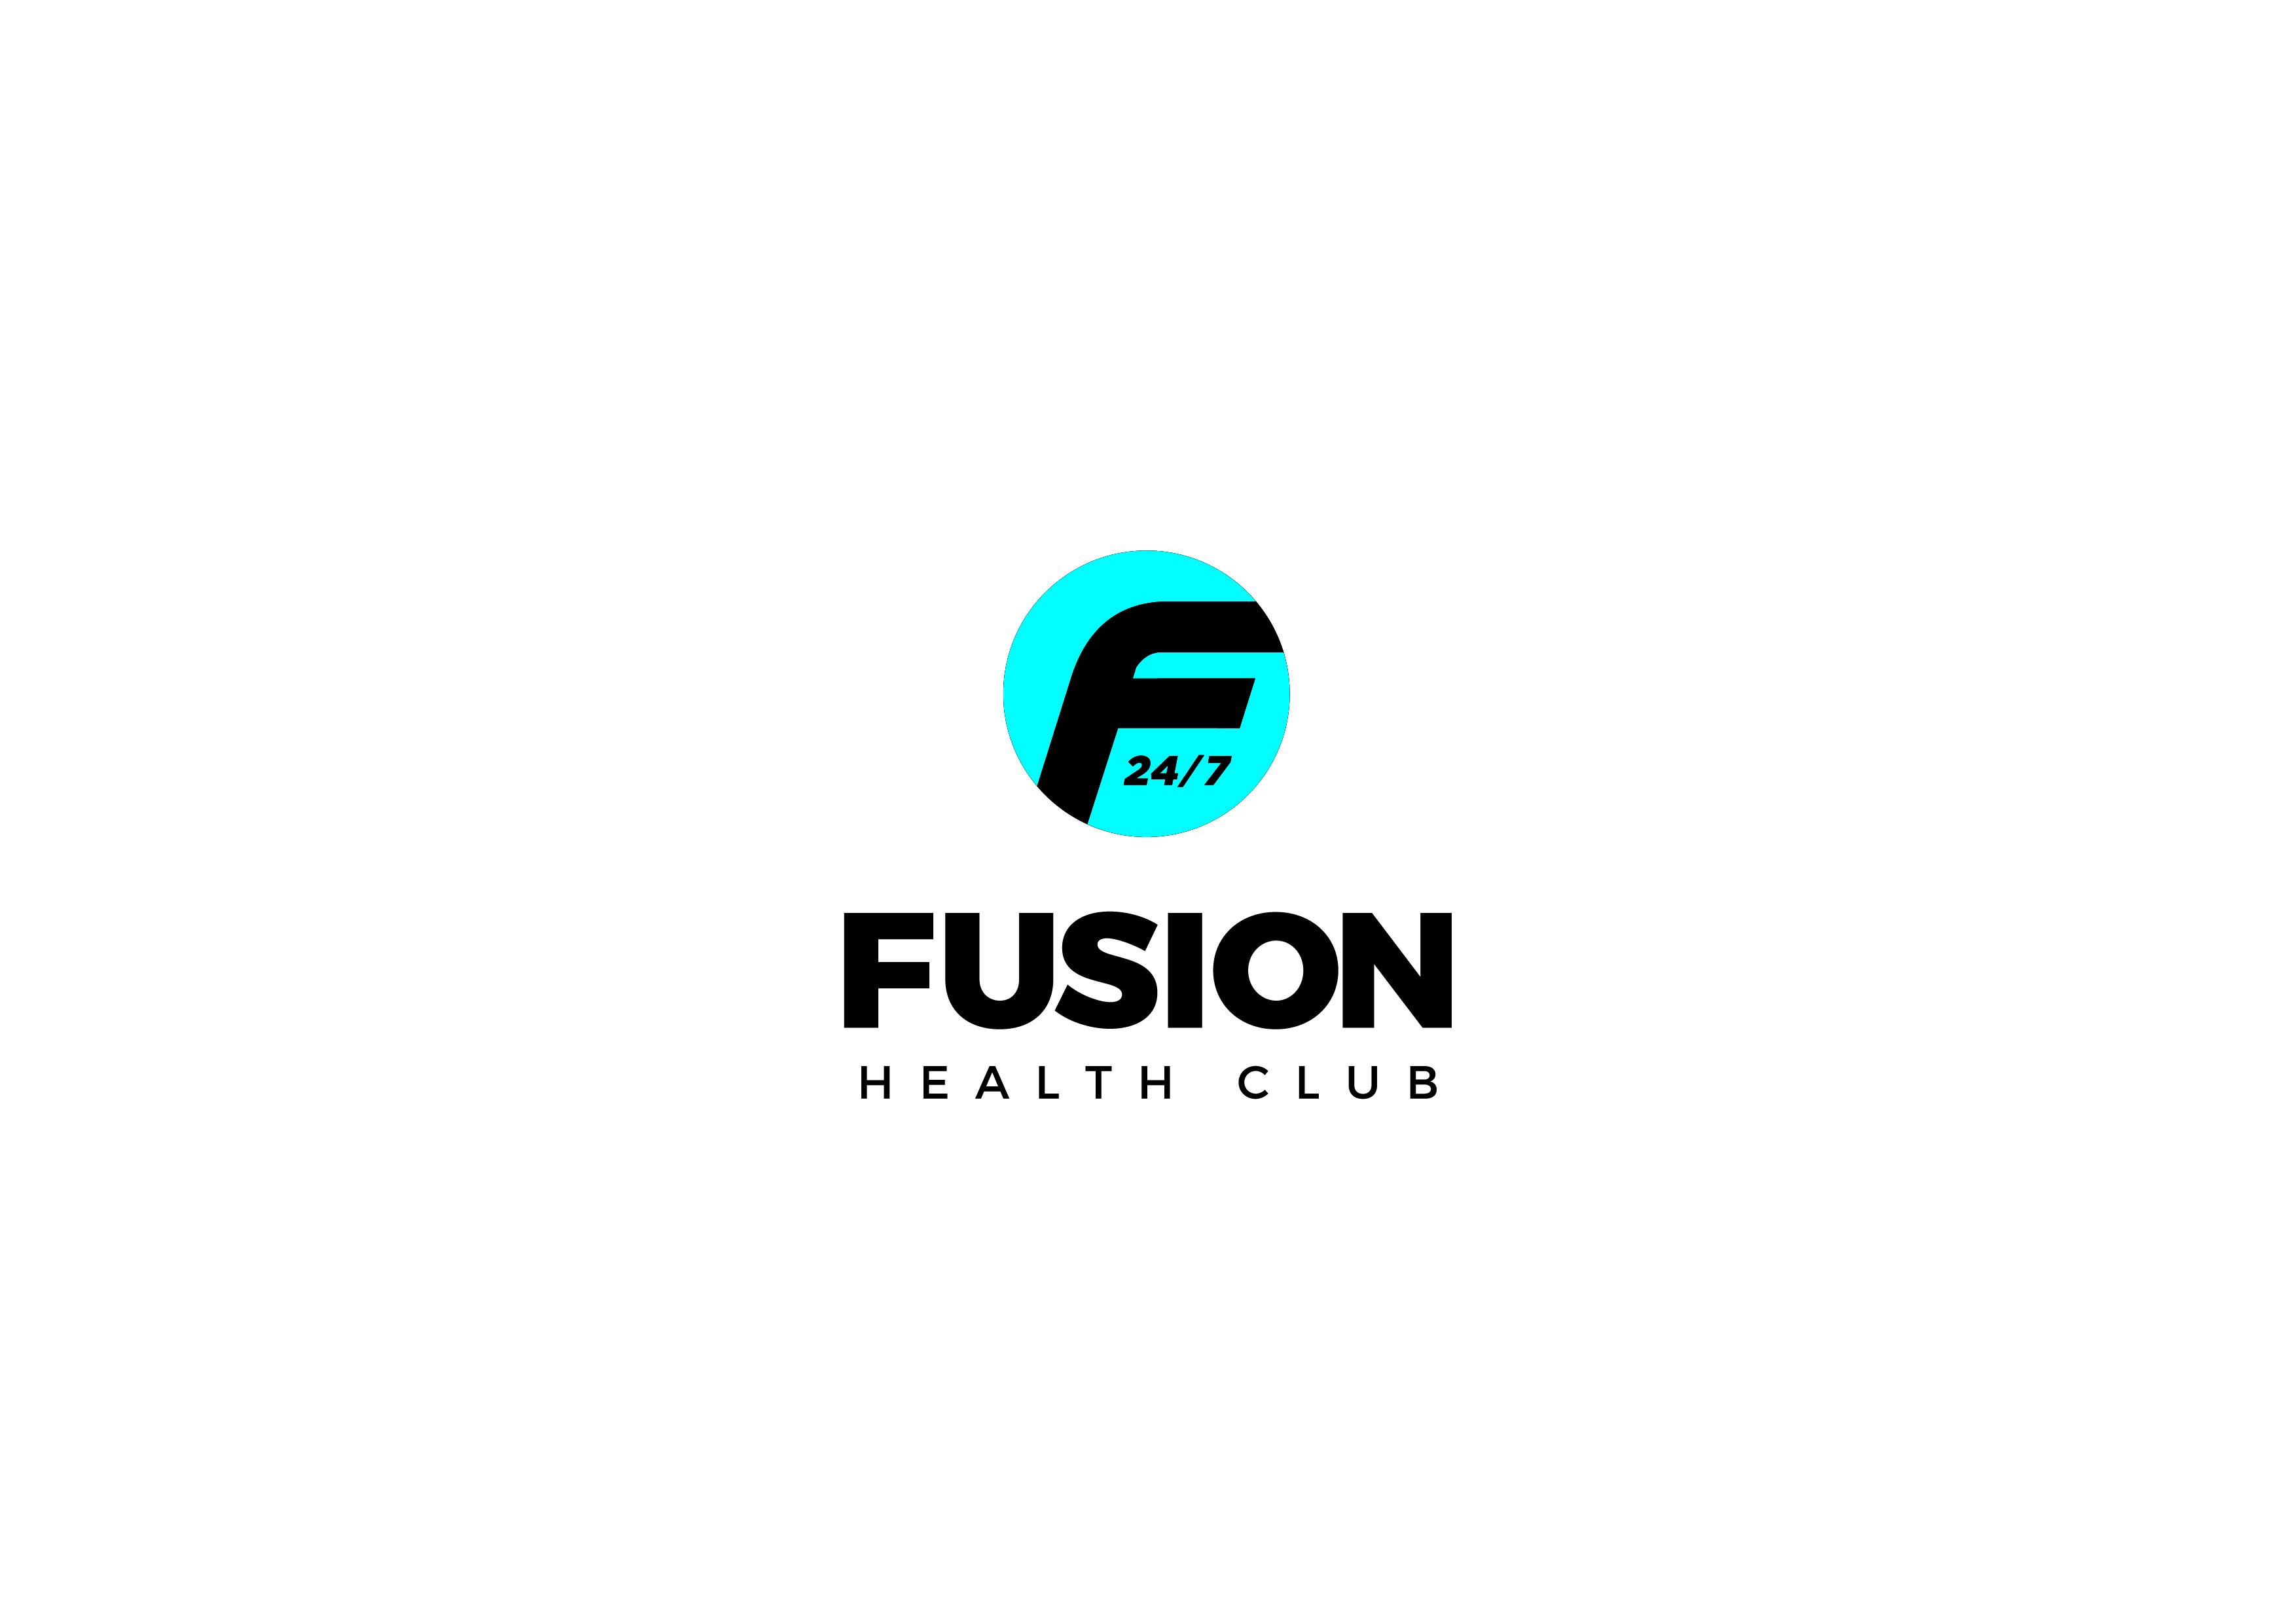 Fusion Health Club / CrossFit Renmark logo